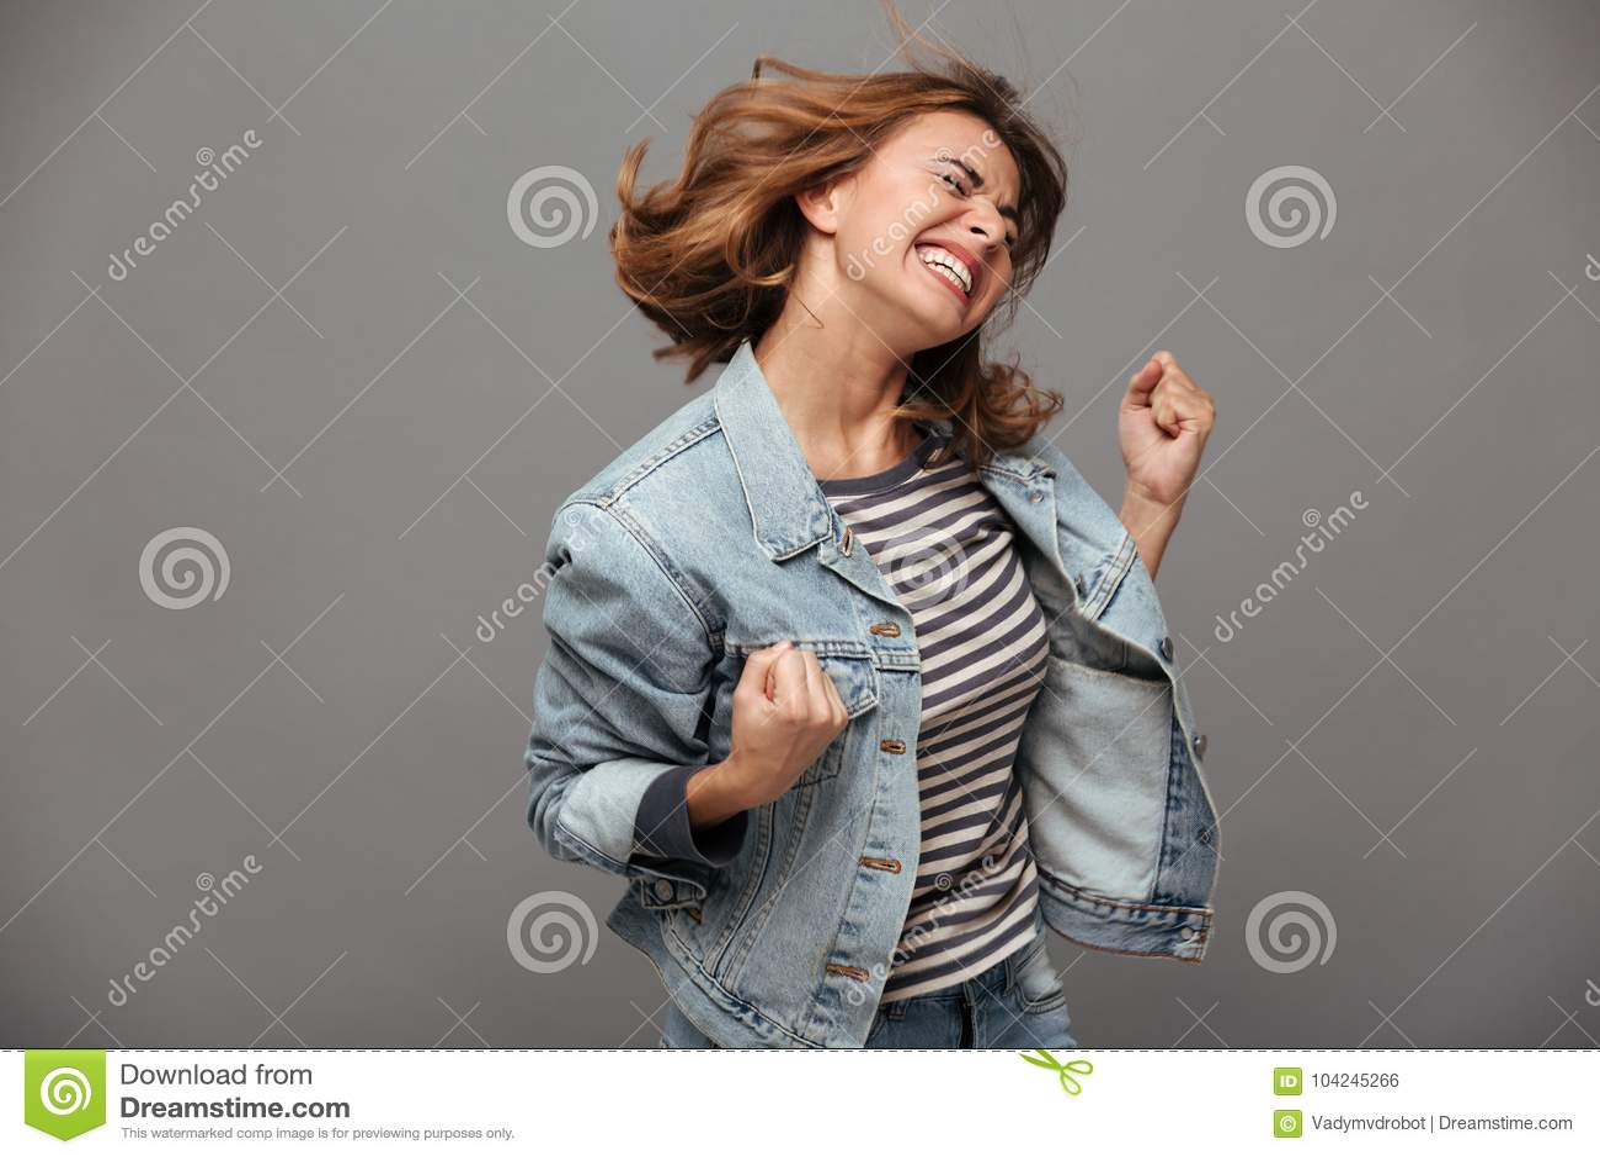 Portret van een tevreden vrolijke tiener